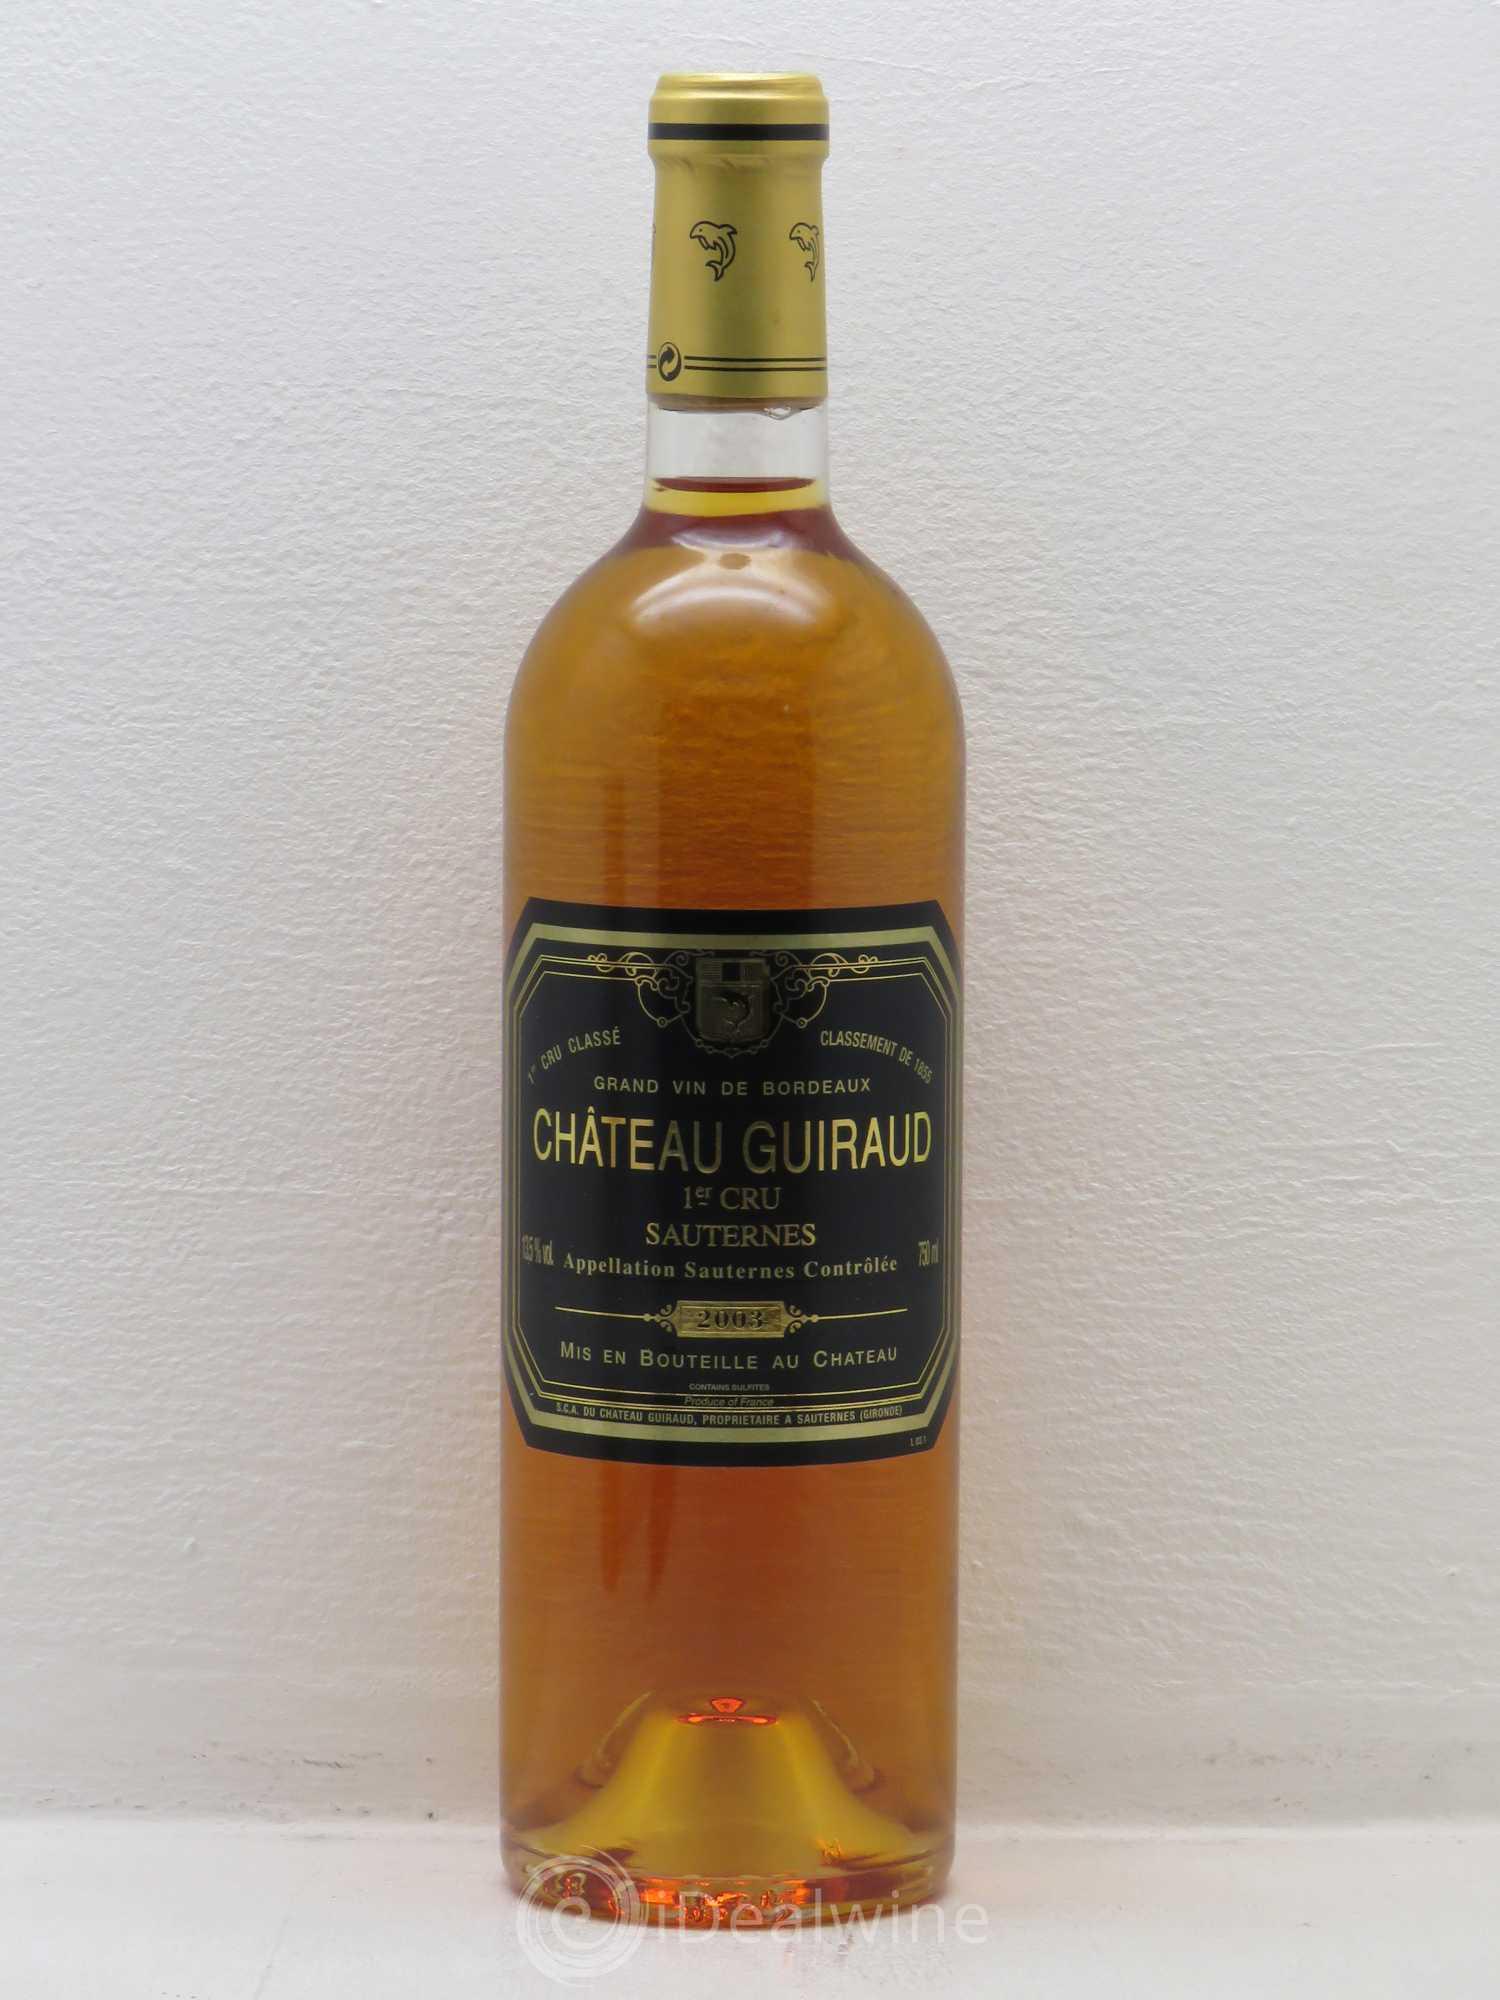 Chteau Guiraud 1er Grand Cru Class 2003